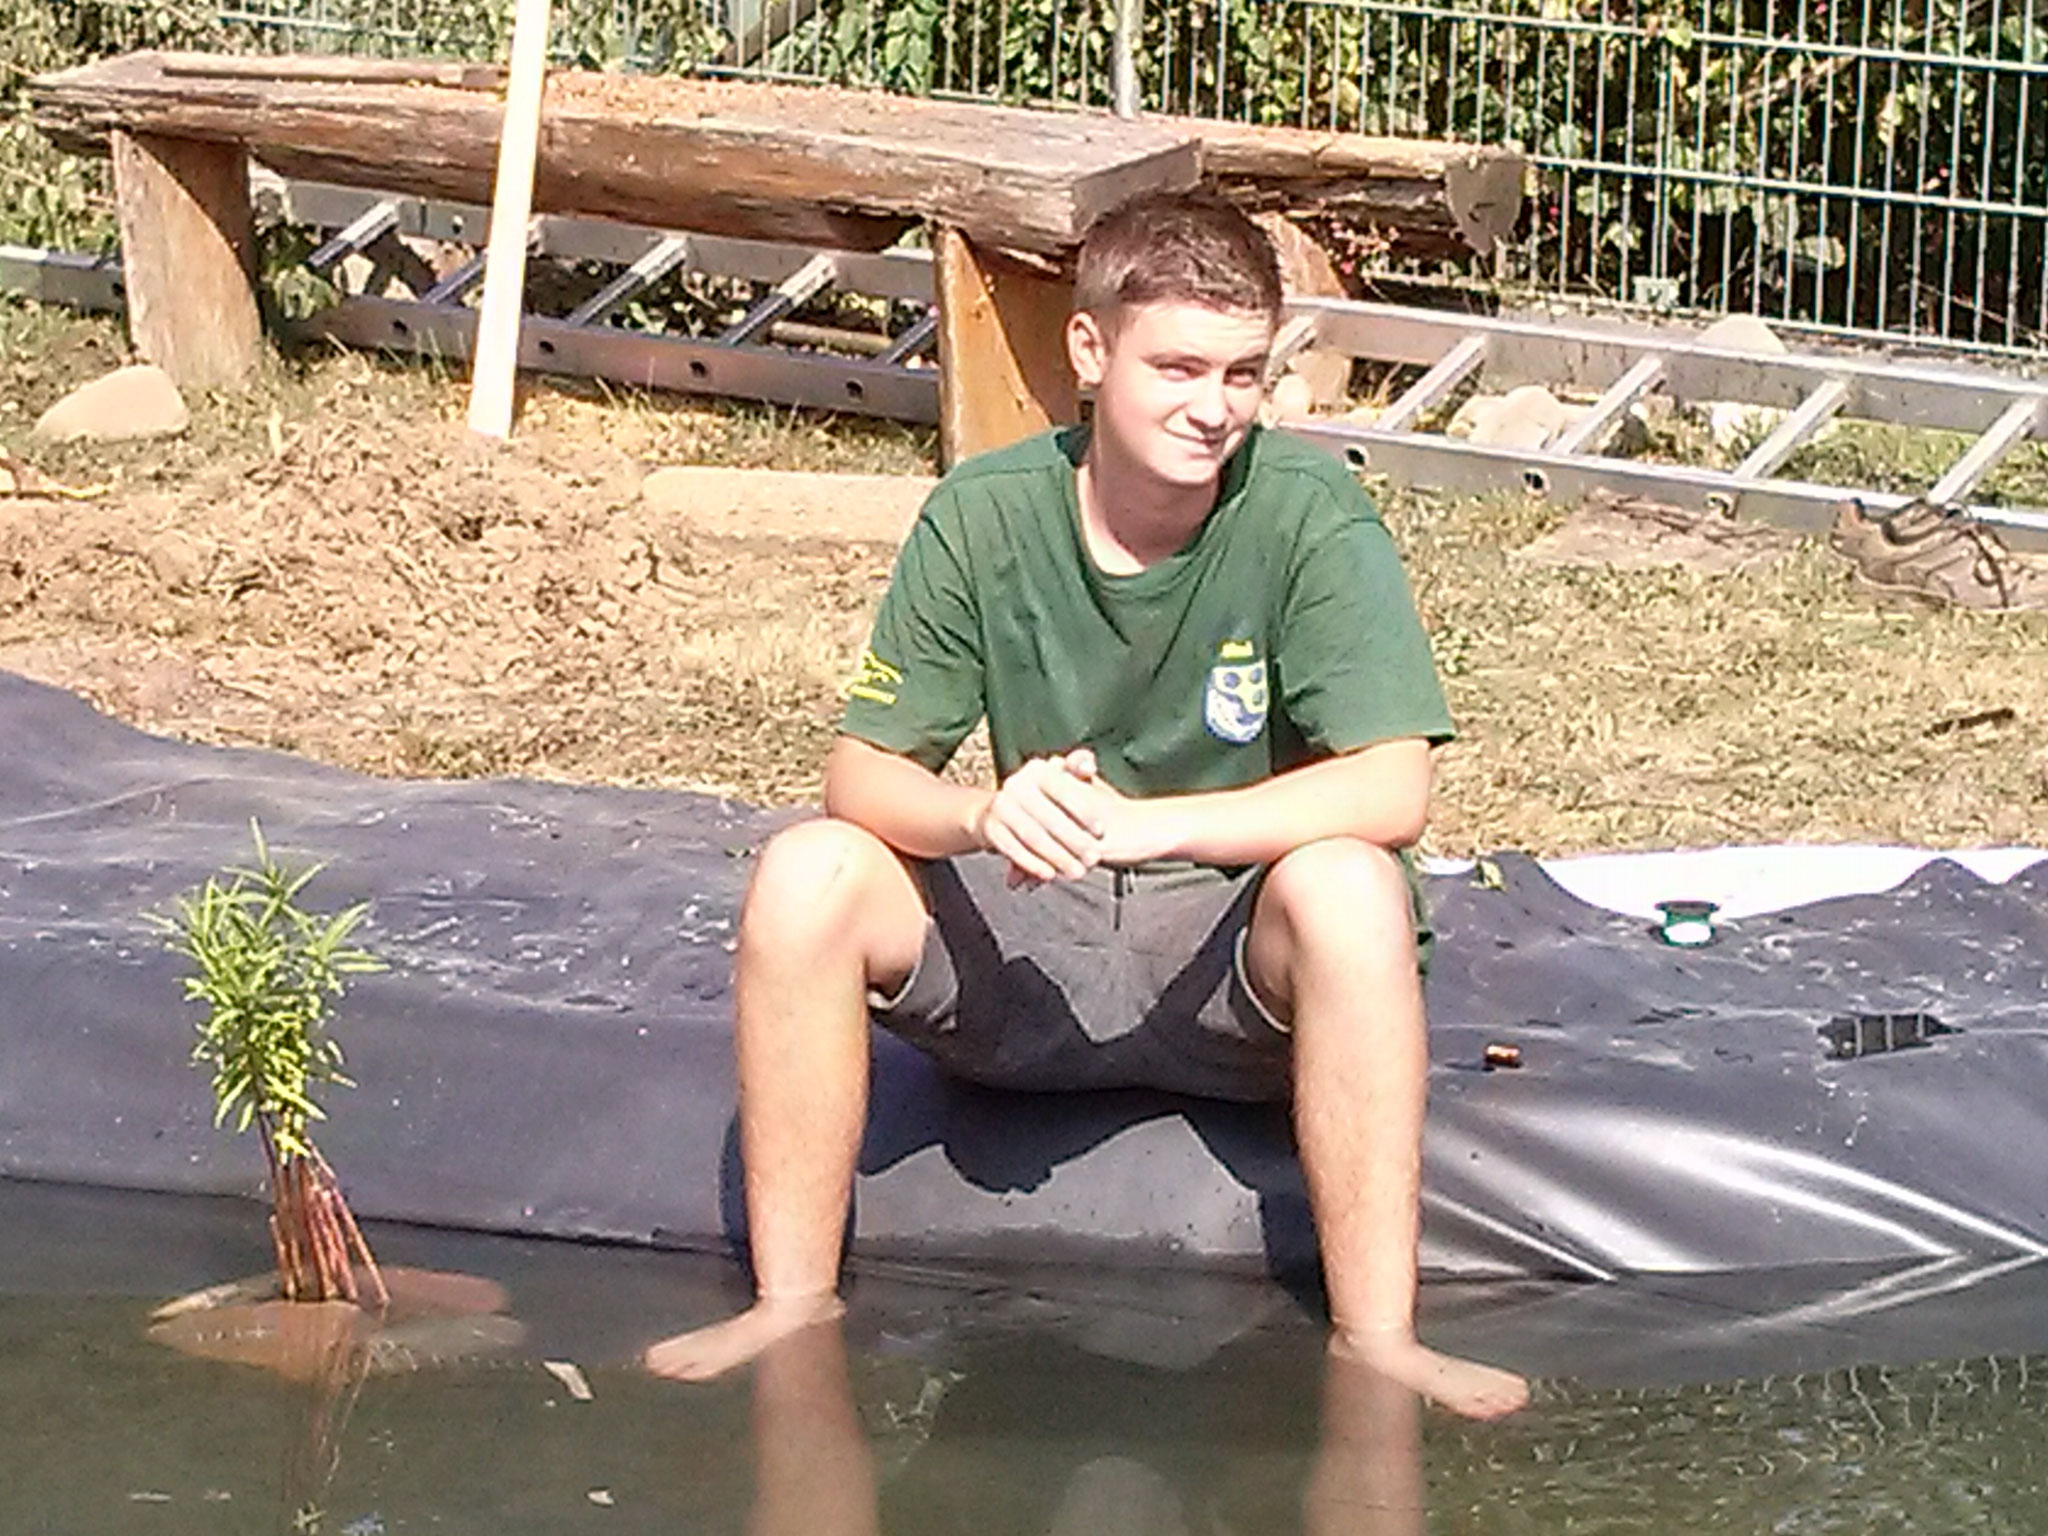 Auch Maxi genießt das kühle Nass an den Füßen ...  da wußte er noch nicht, das er bald darauf auch noch baden gehen würde - nicht ganz freiwillig.